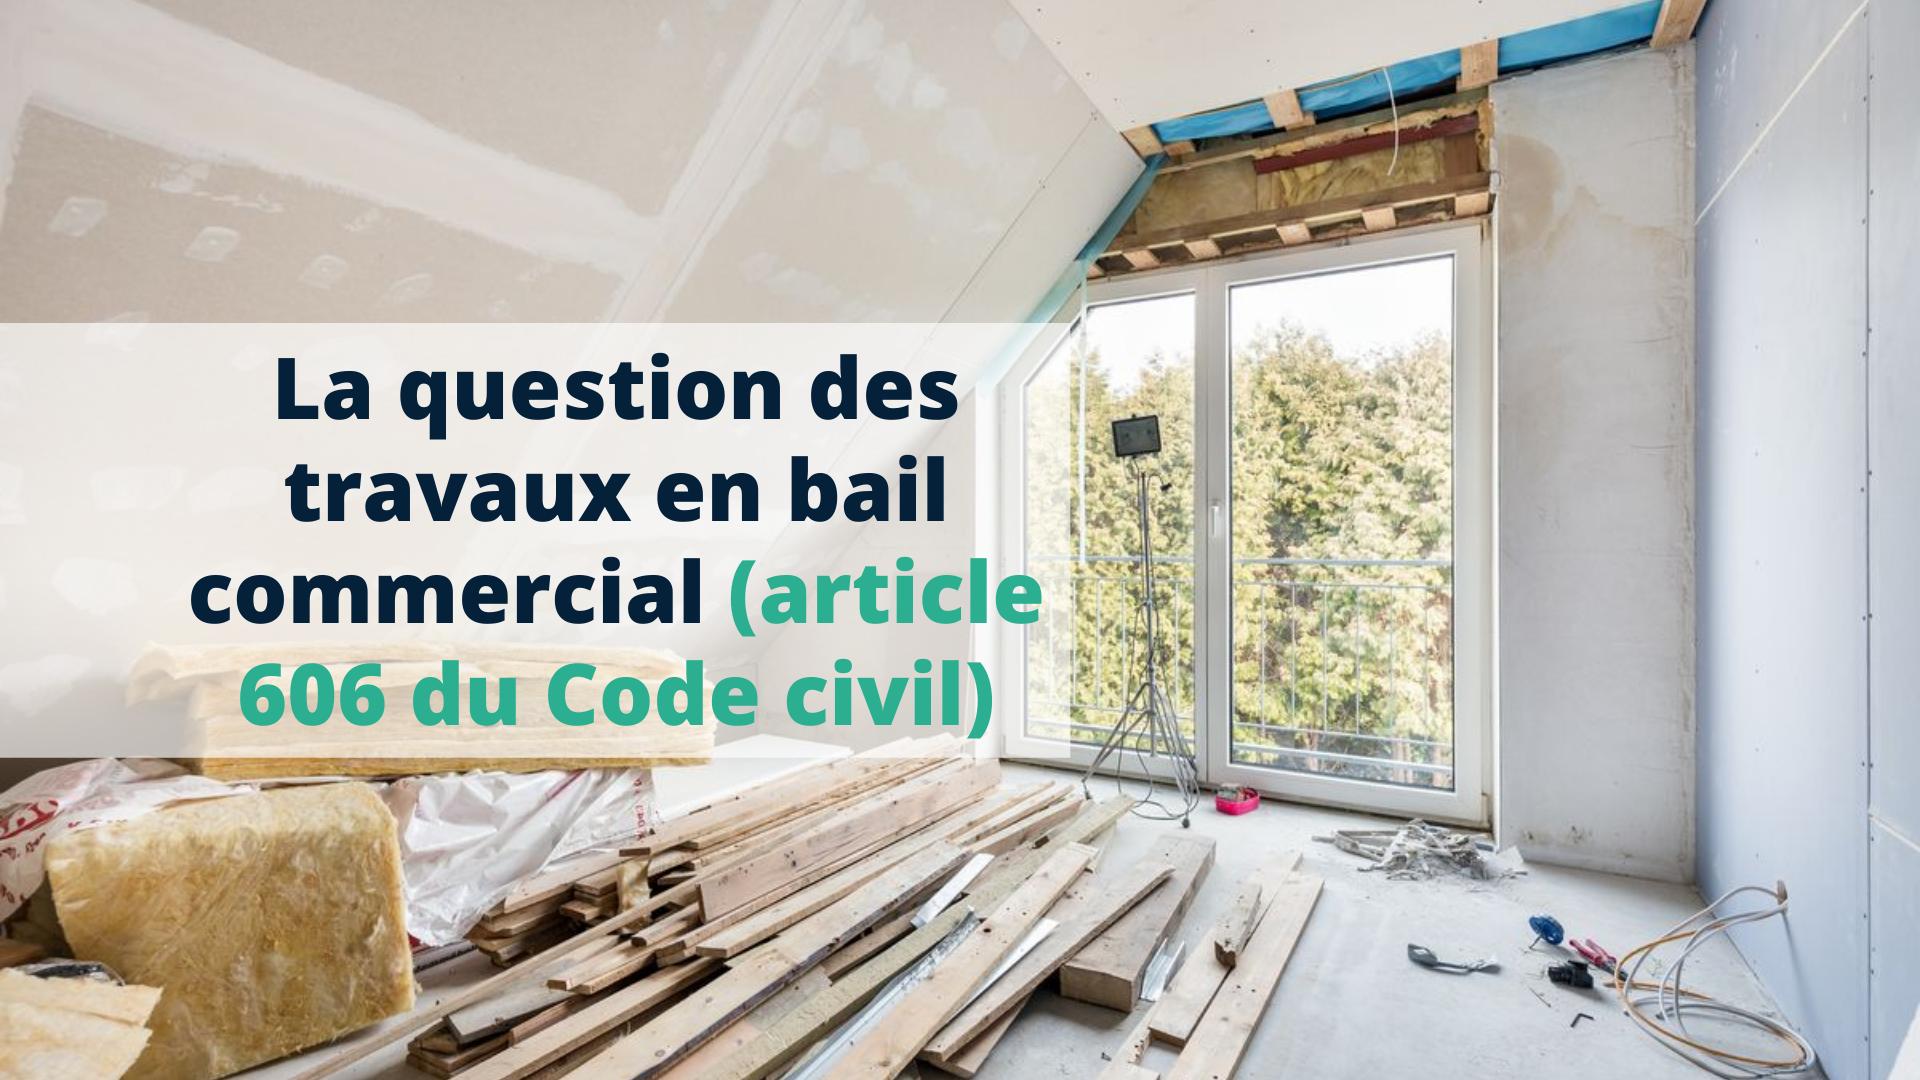 La question des travaux en bail commercial (article 606 du Code civil) - Start Learning